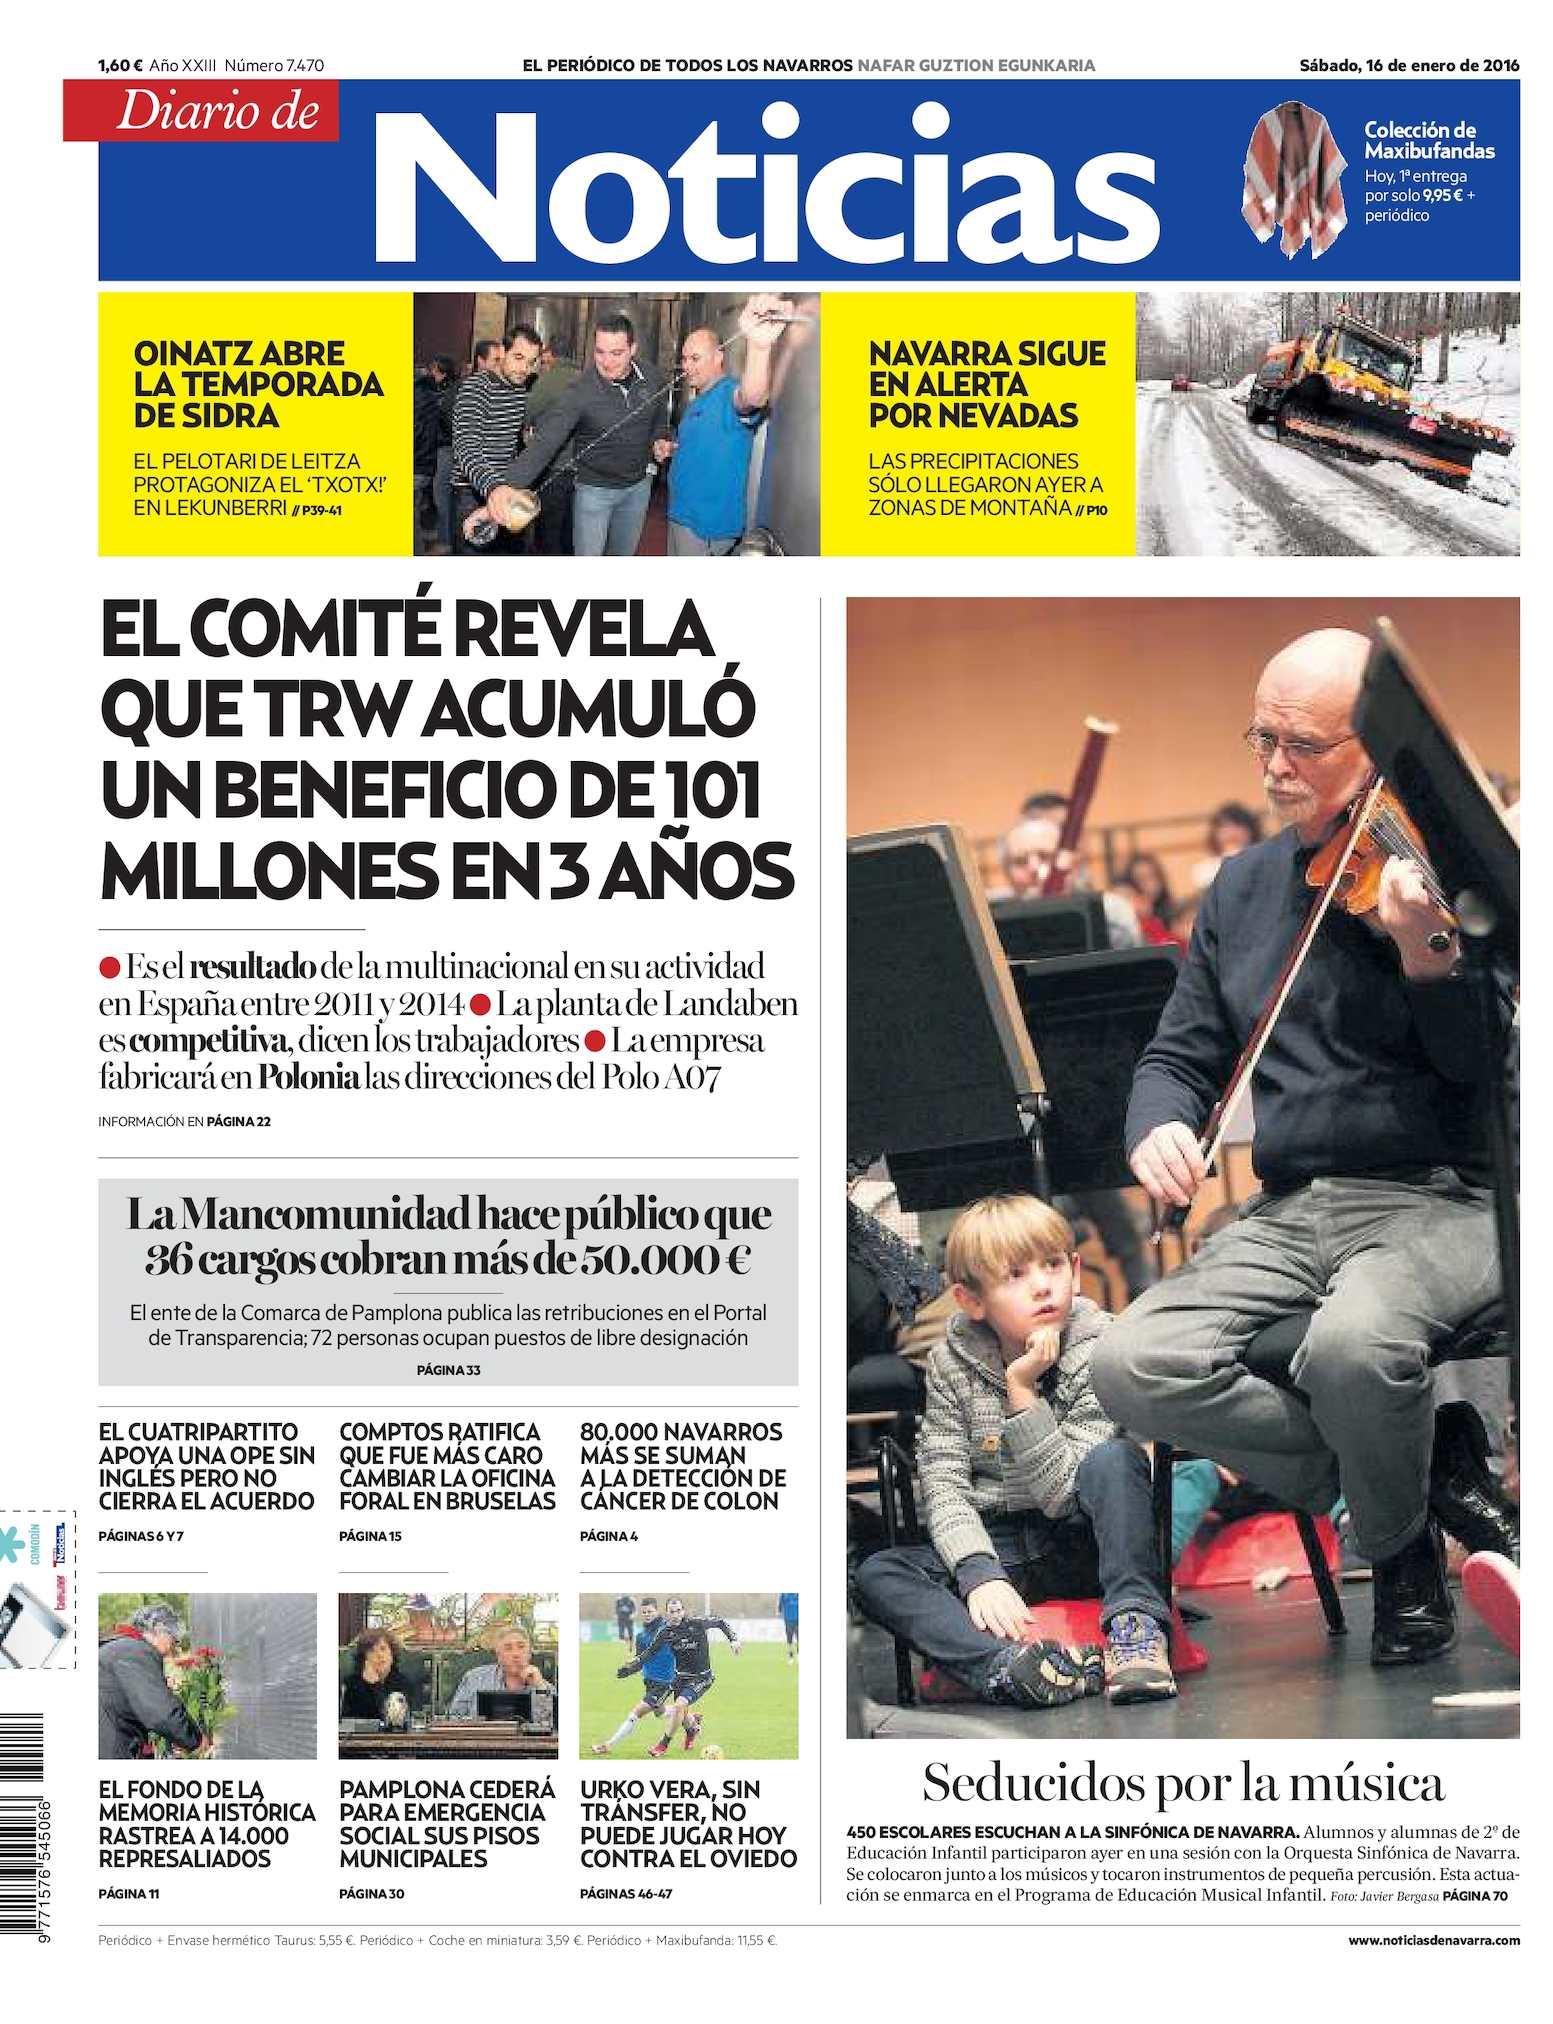 Calaméo - Diario de Noticias 20160116 30bf895ab4a